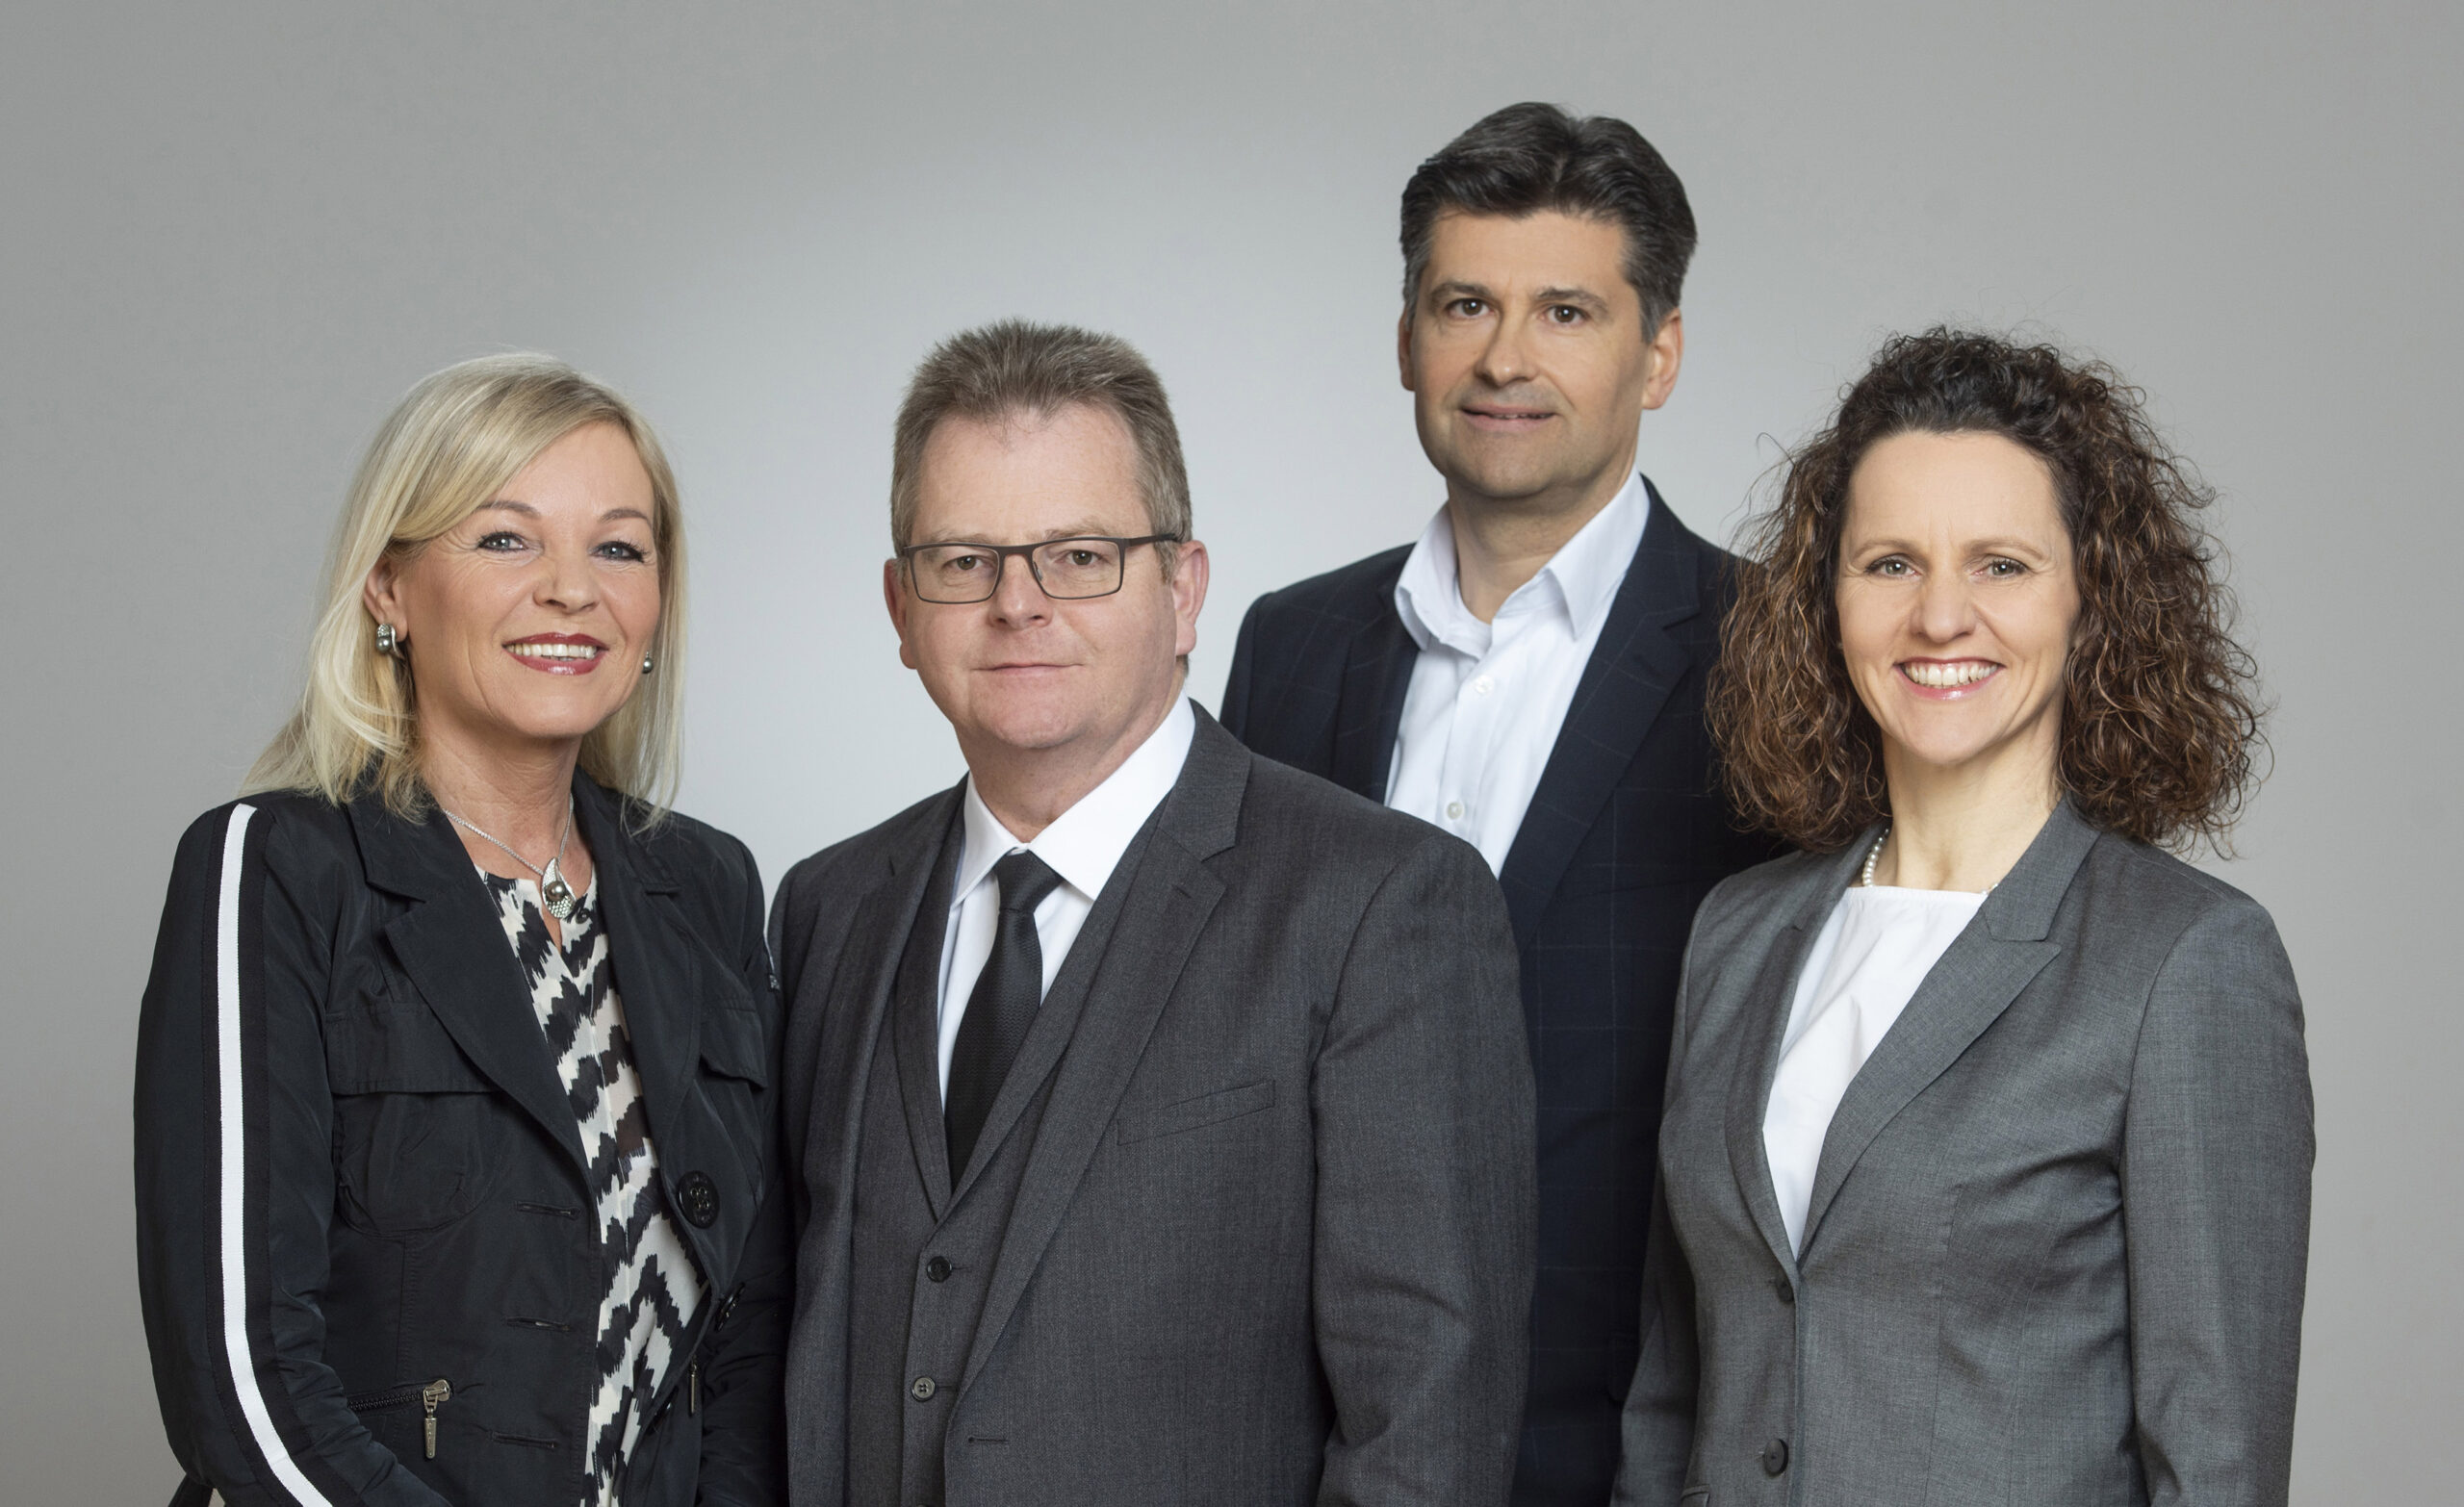 Das Führungsteam der Hochreiter Lebensmittelgruppe: v.l.n.r.: Petra und Wolfgang Hochreiter, Peter Weidinger, Sigrid Populorum.